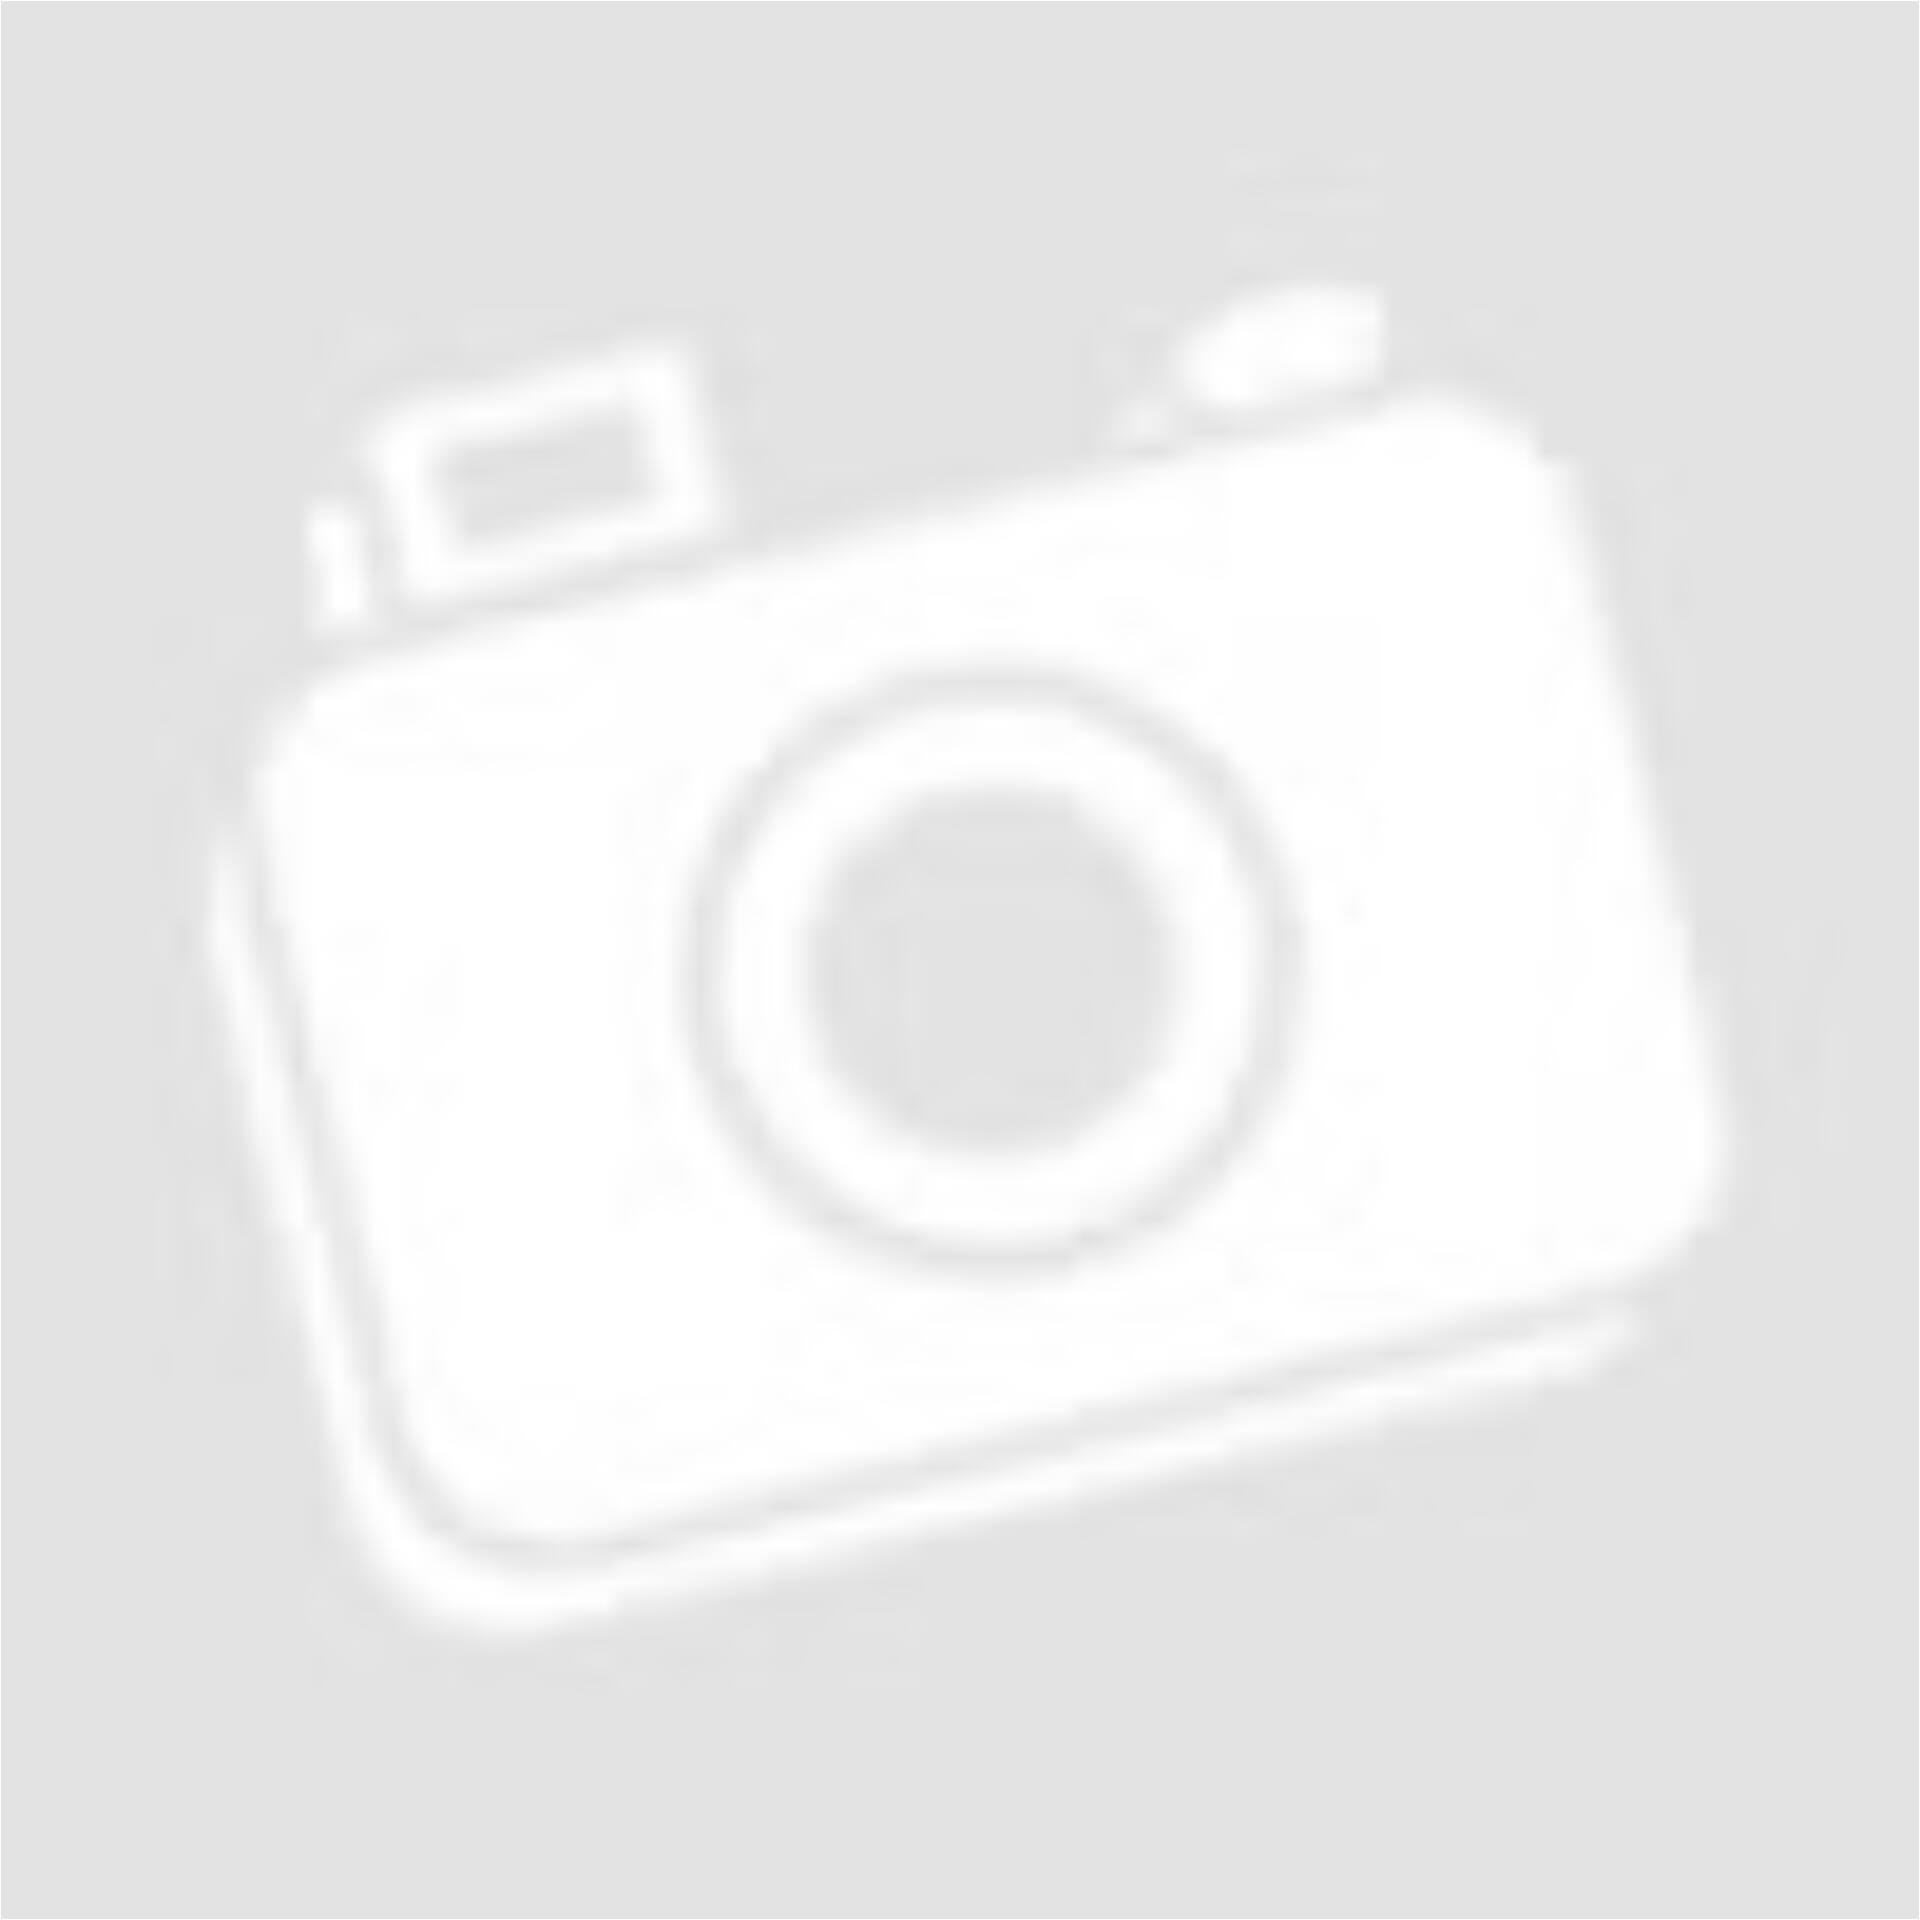 bbb20c3602 Kép 1/3 - Fekete színű bőr hatású H&M rövidnadrág (Méret: L). Loading zoom. Katt  rá a felnagyításhoz